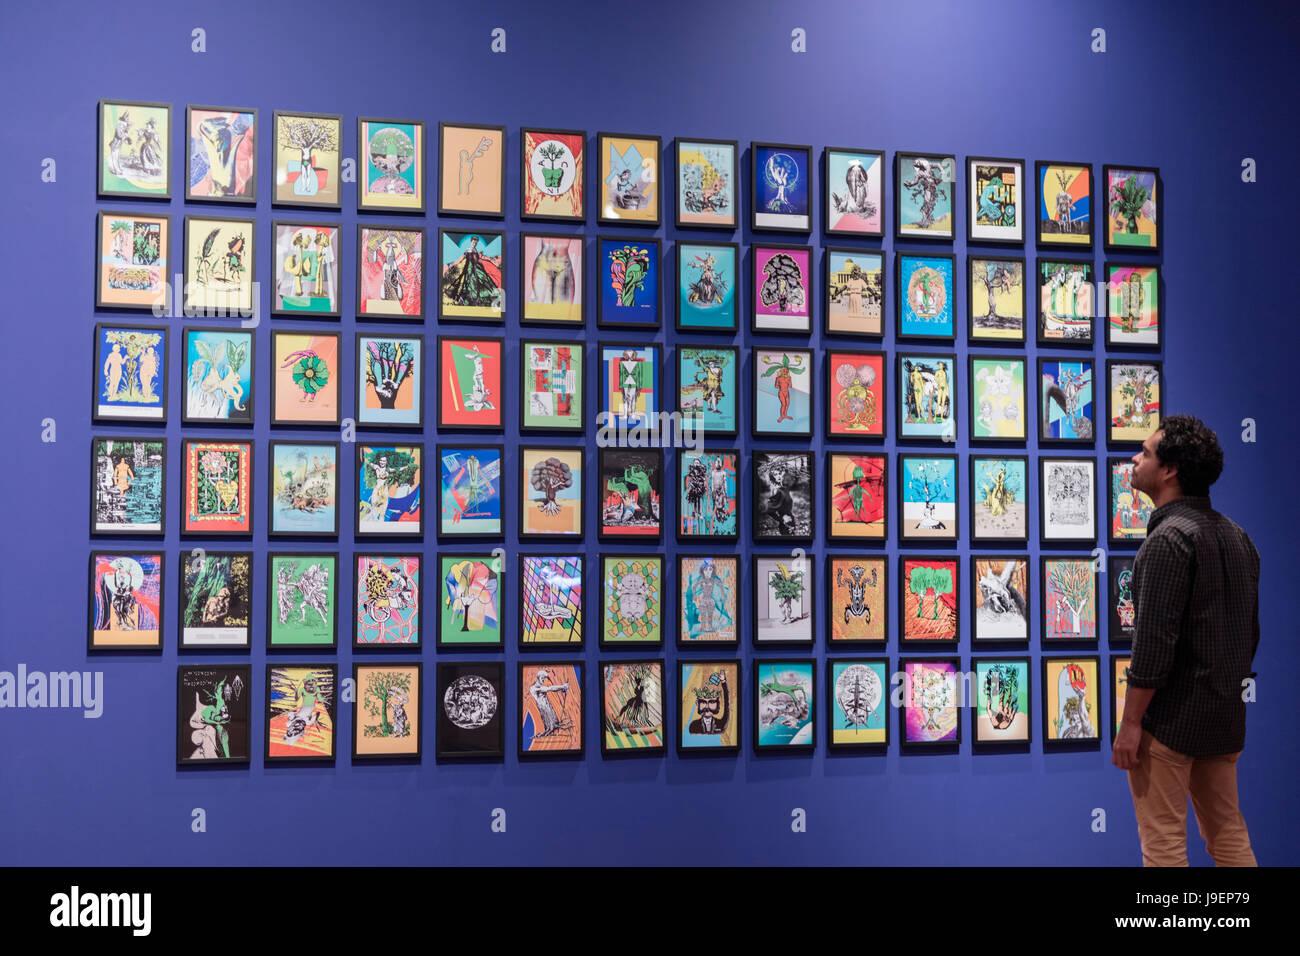 Brazil, Rio de Janeiro, galleries in Rio Art Museum (MAR; Museu de Arte do Rio) - Stock Image